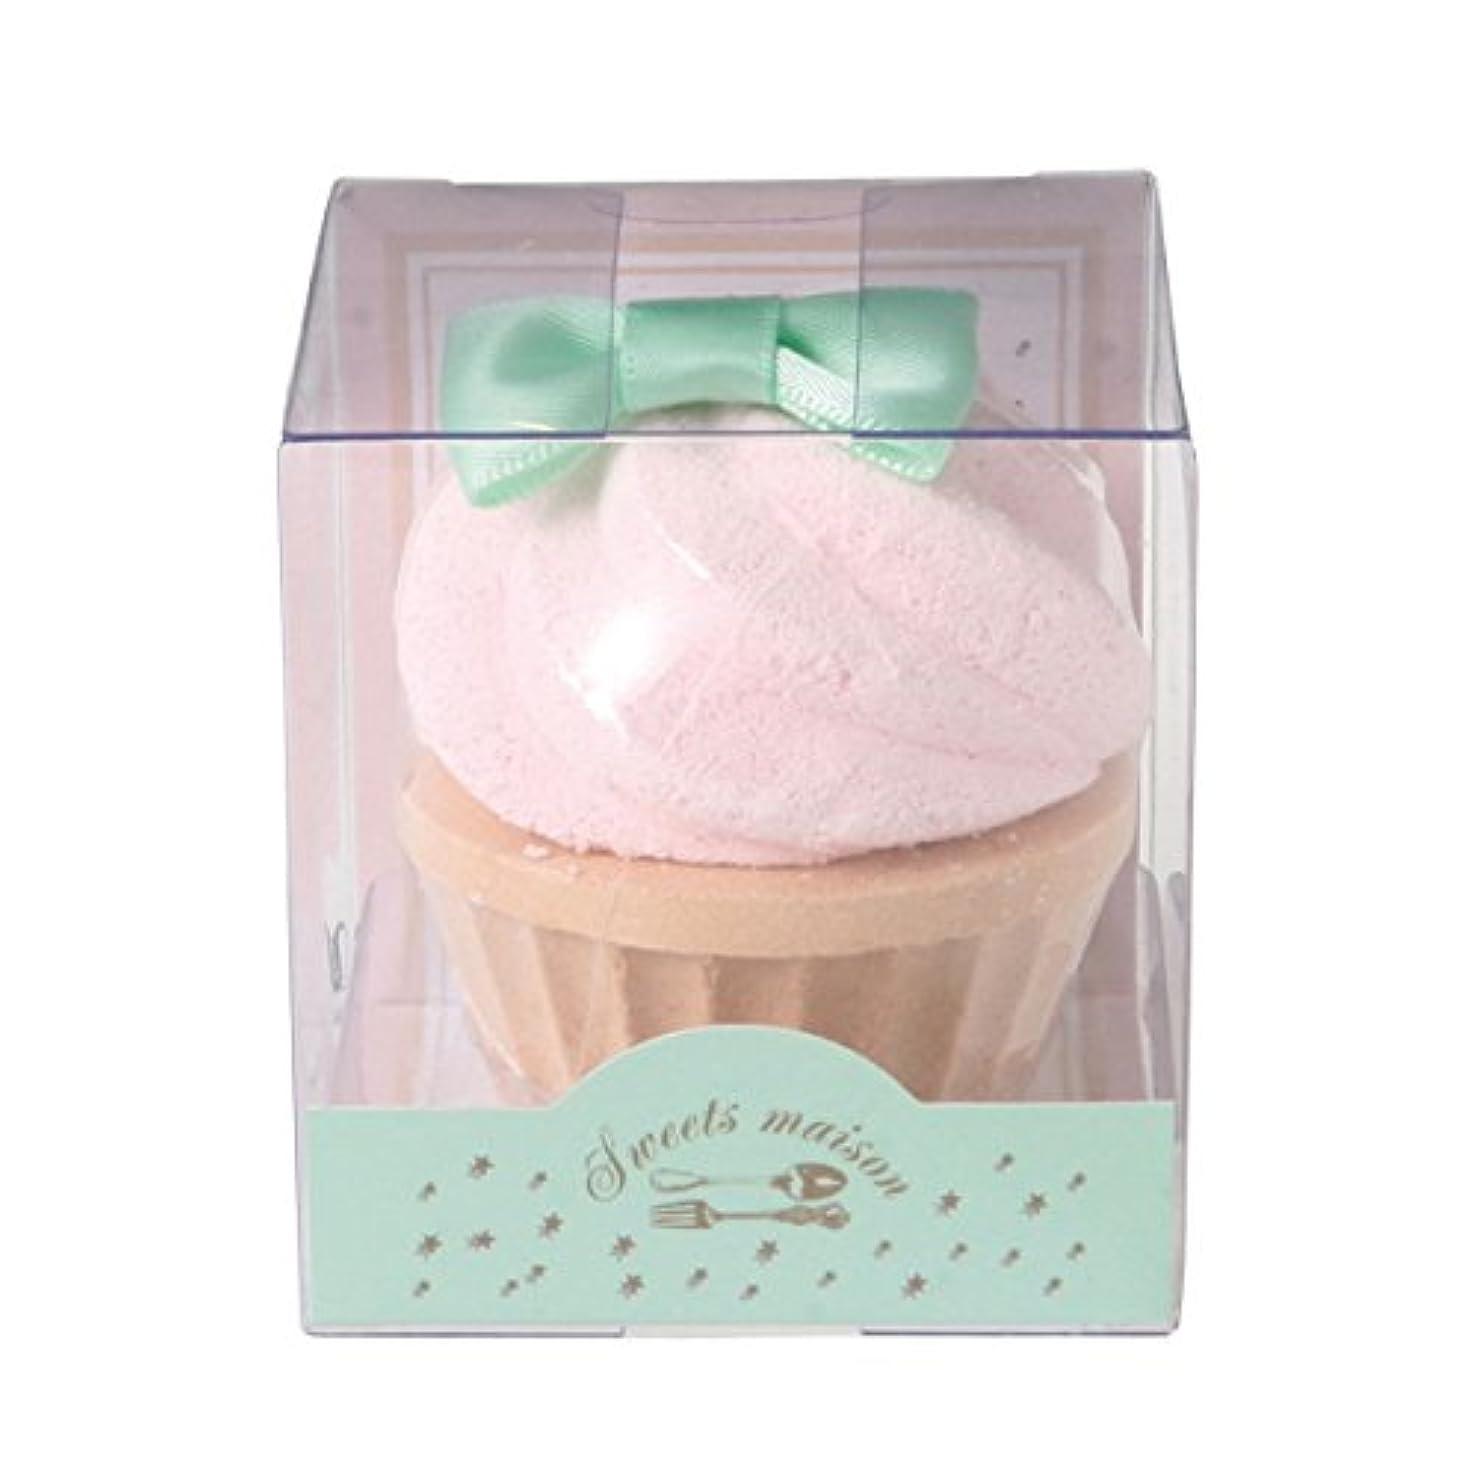 徹底的にがんばり続ける裸(内野)UCHINO ノルコーポレーション おめかしプチカップケーキフィズ(ブーケローズの香り)